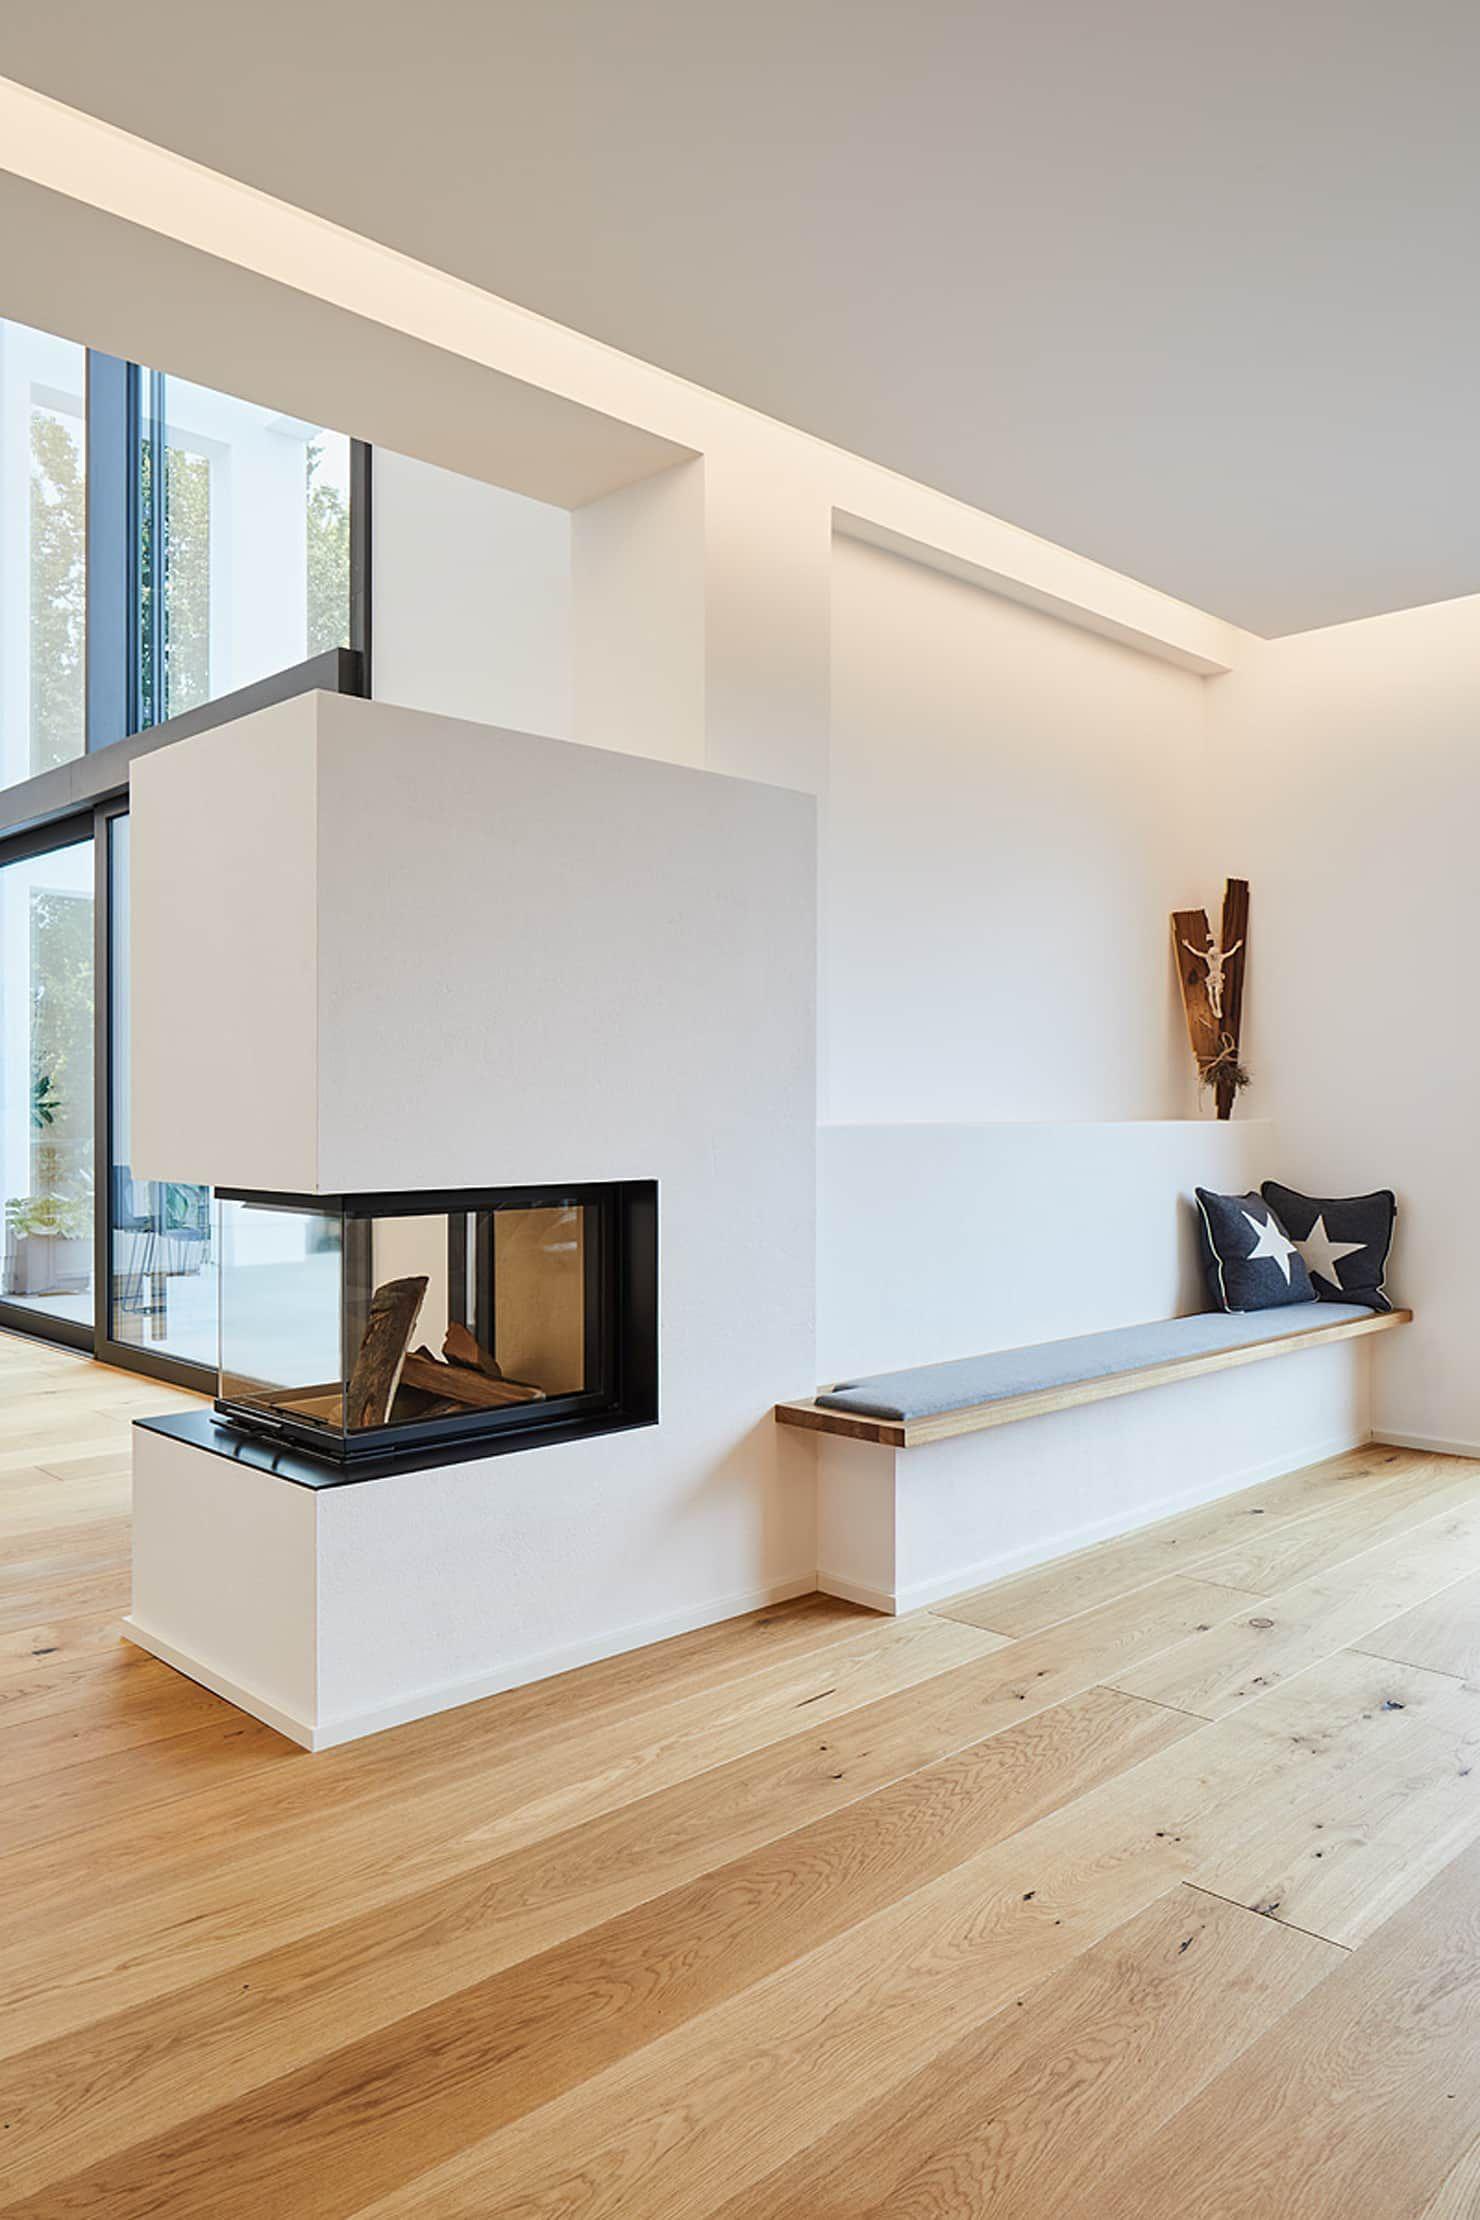 Efh in bornheim moderne wohnzimmer von philip kistner fotografie